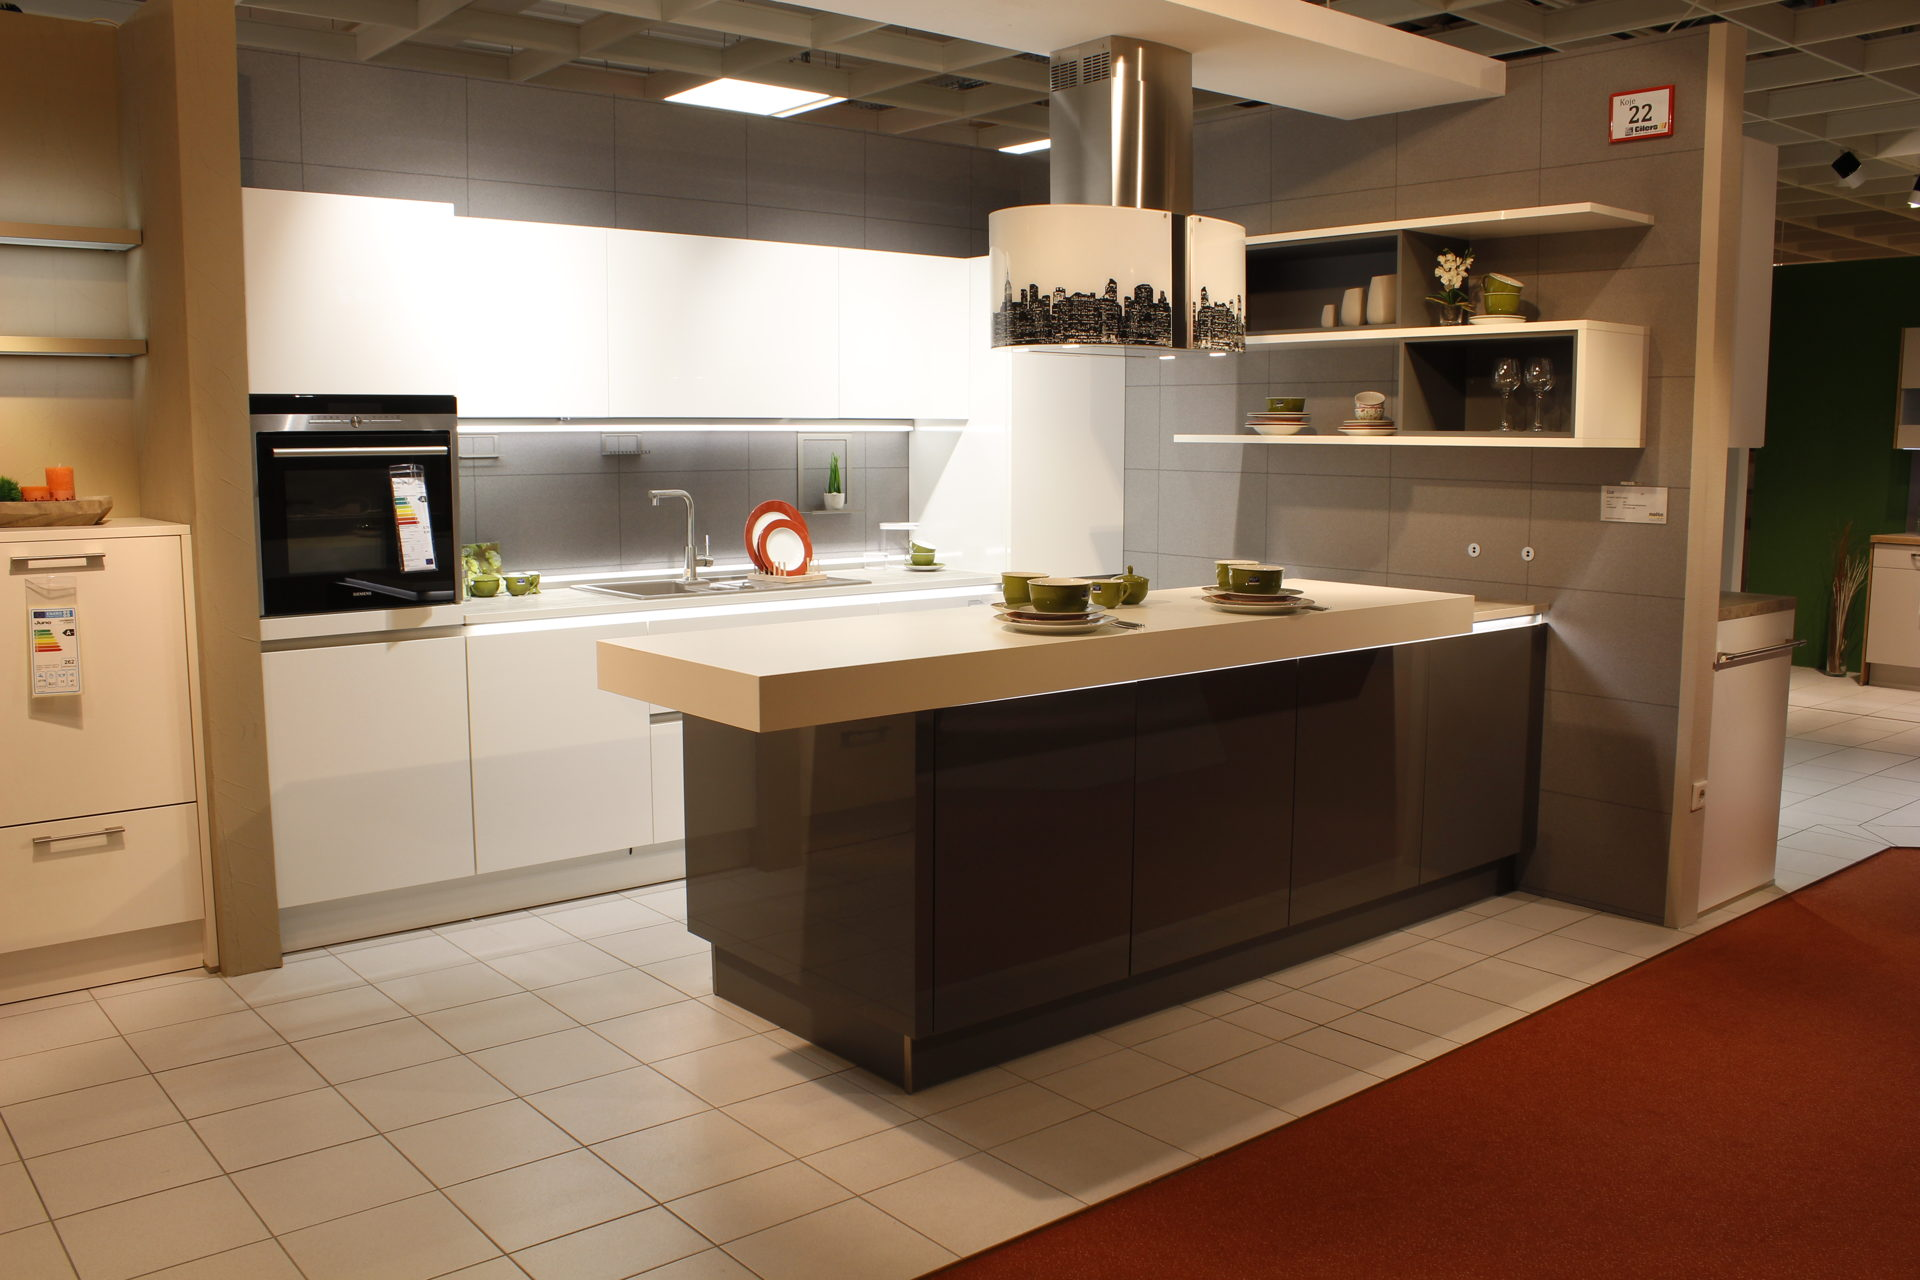 Küche Nolte Online Kaufen. Komplett Küche Spritzschutz Weiß Omas ...